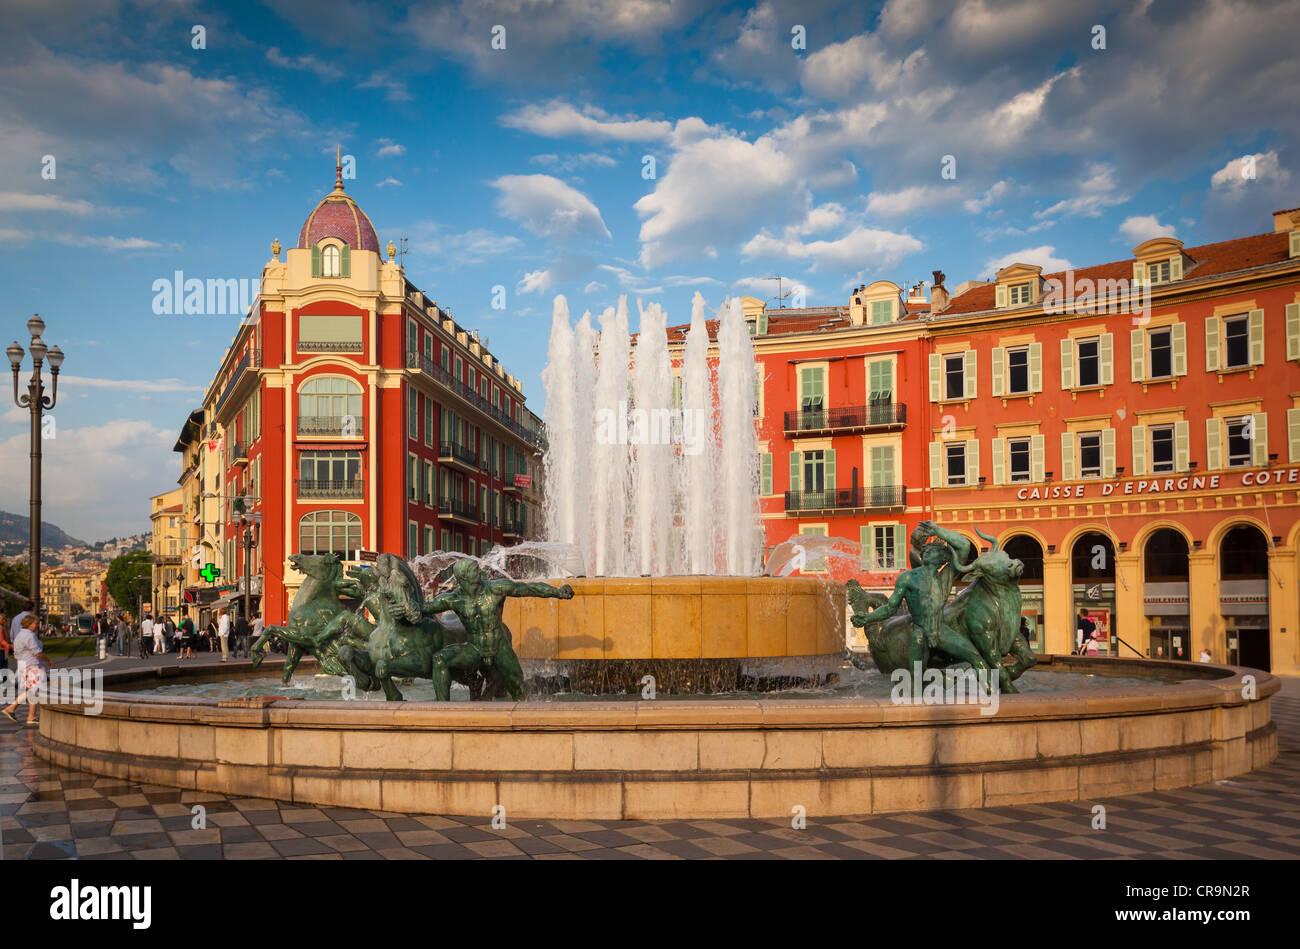 Place Massena nel centro di Nizza sulla Costa Azzurra (Cote d'Azur) Immagini Stock